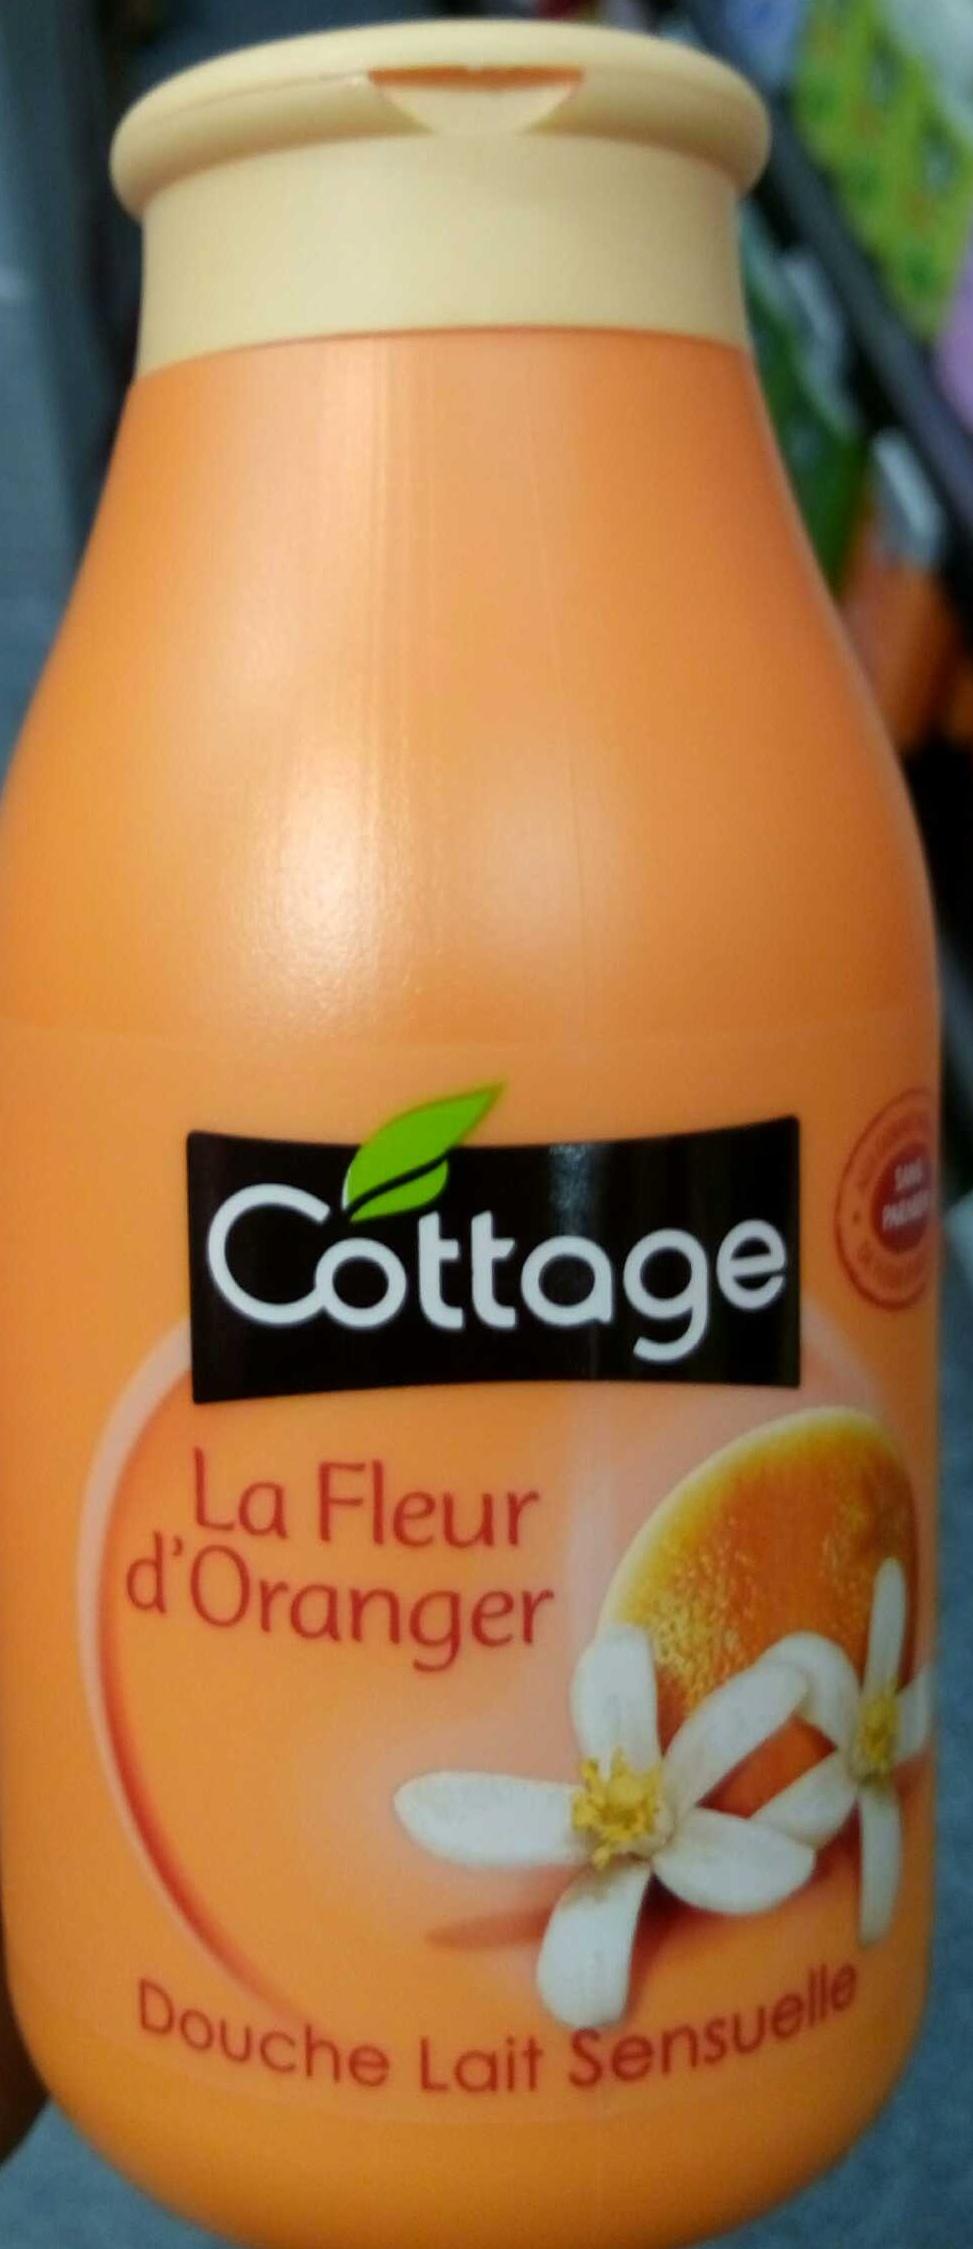 La Fleur d'Oranger Douche Lait Sensuelle - Product - fr